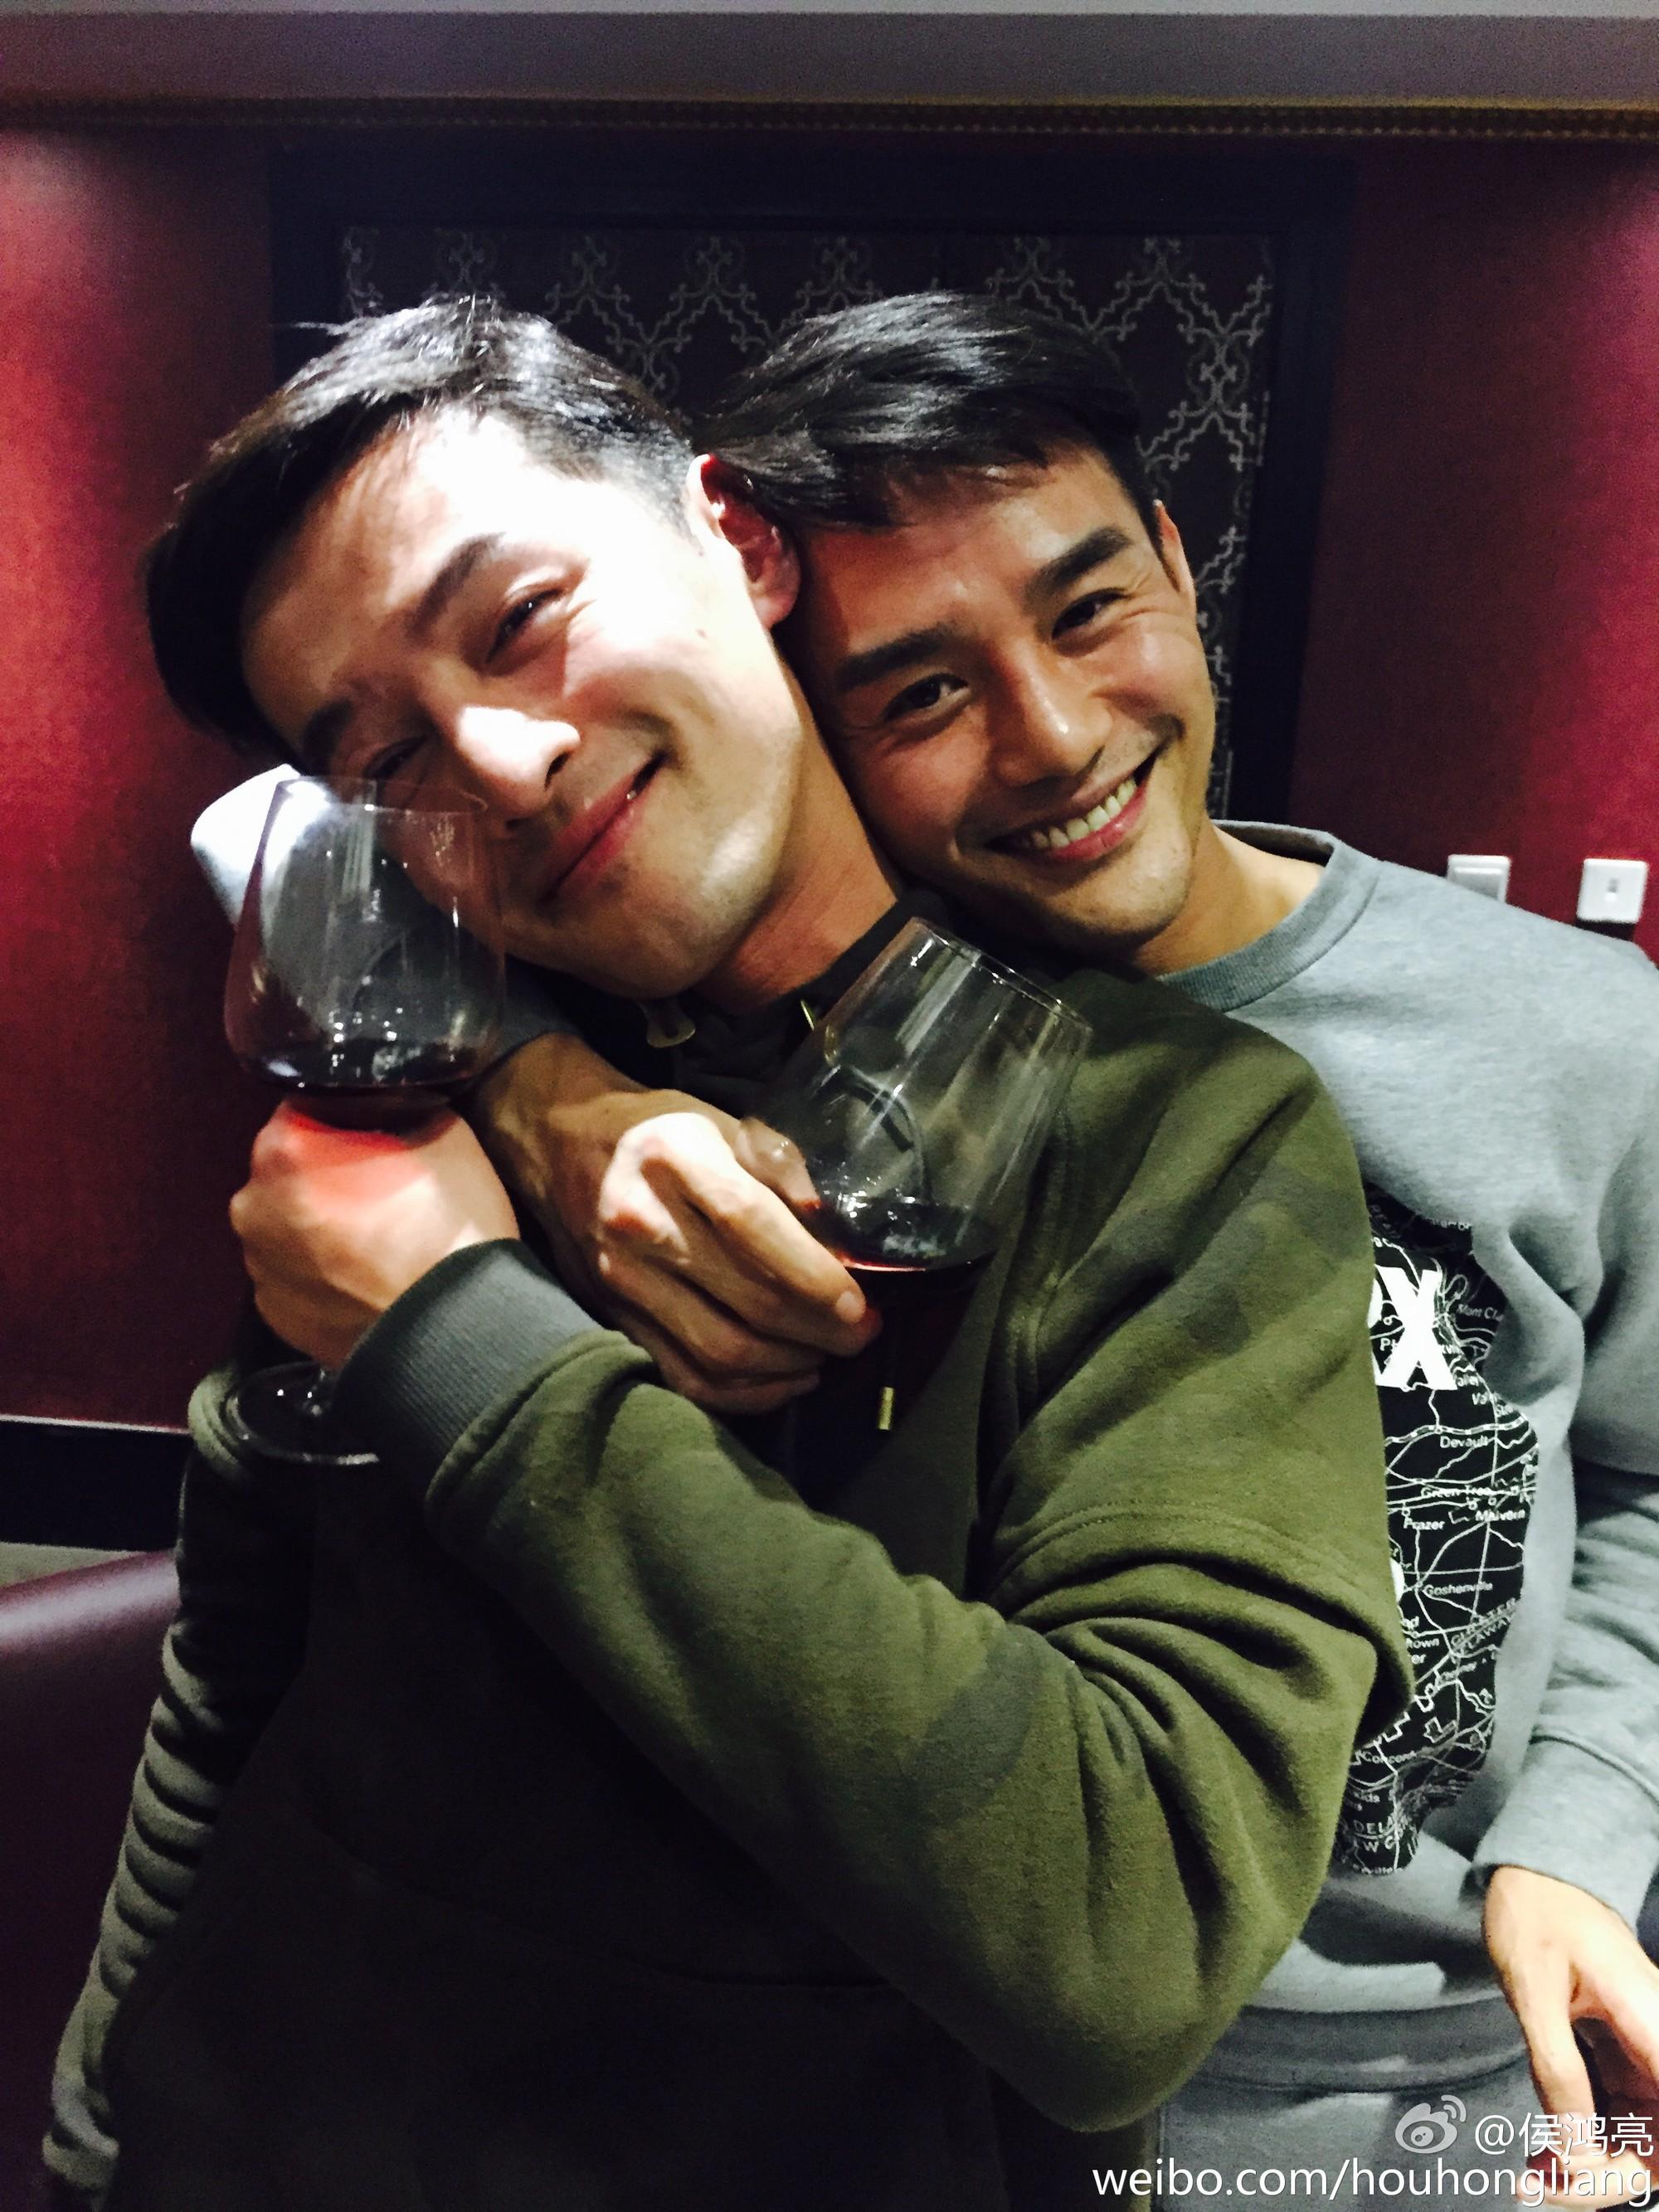 Hình ảnh hot nhất weibo: Hồ Ca và Vương Khải ôm nhau, netizen nhờ vả các mỹ nhân rước hộ 2 Thánh ế - Ảnh 5.